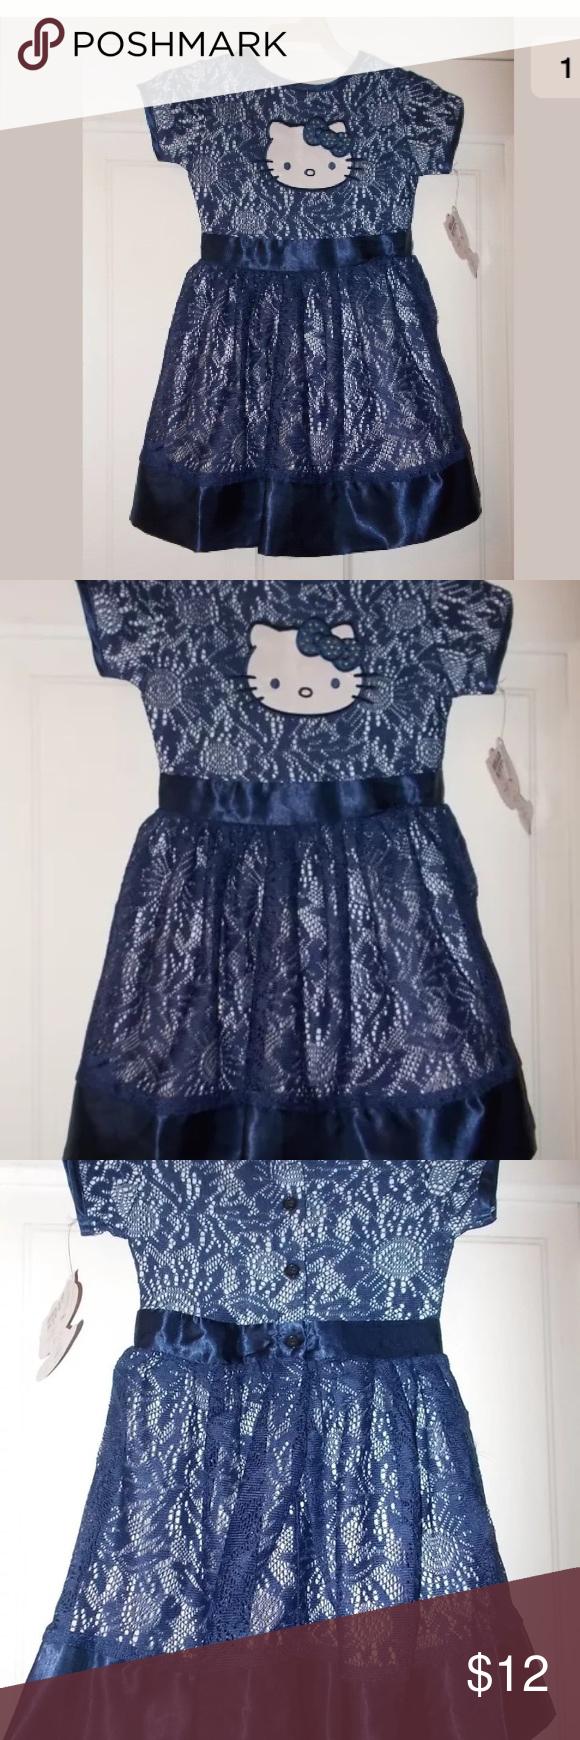 f0992e4aa Girls size 4/5 Hello Kitty Lace Dress Girls size 4/5 hello kitty ...